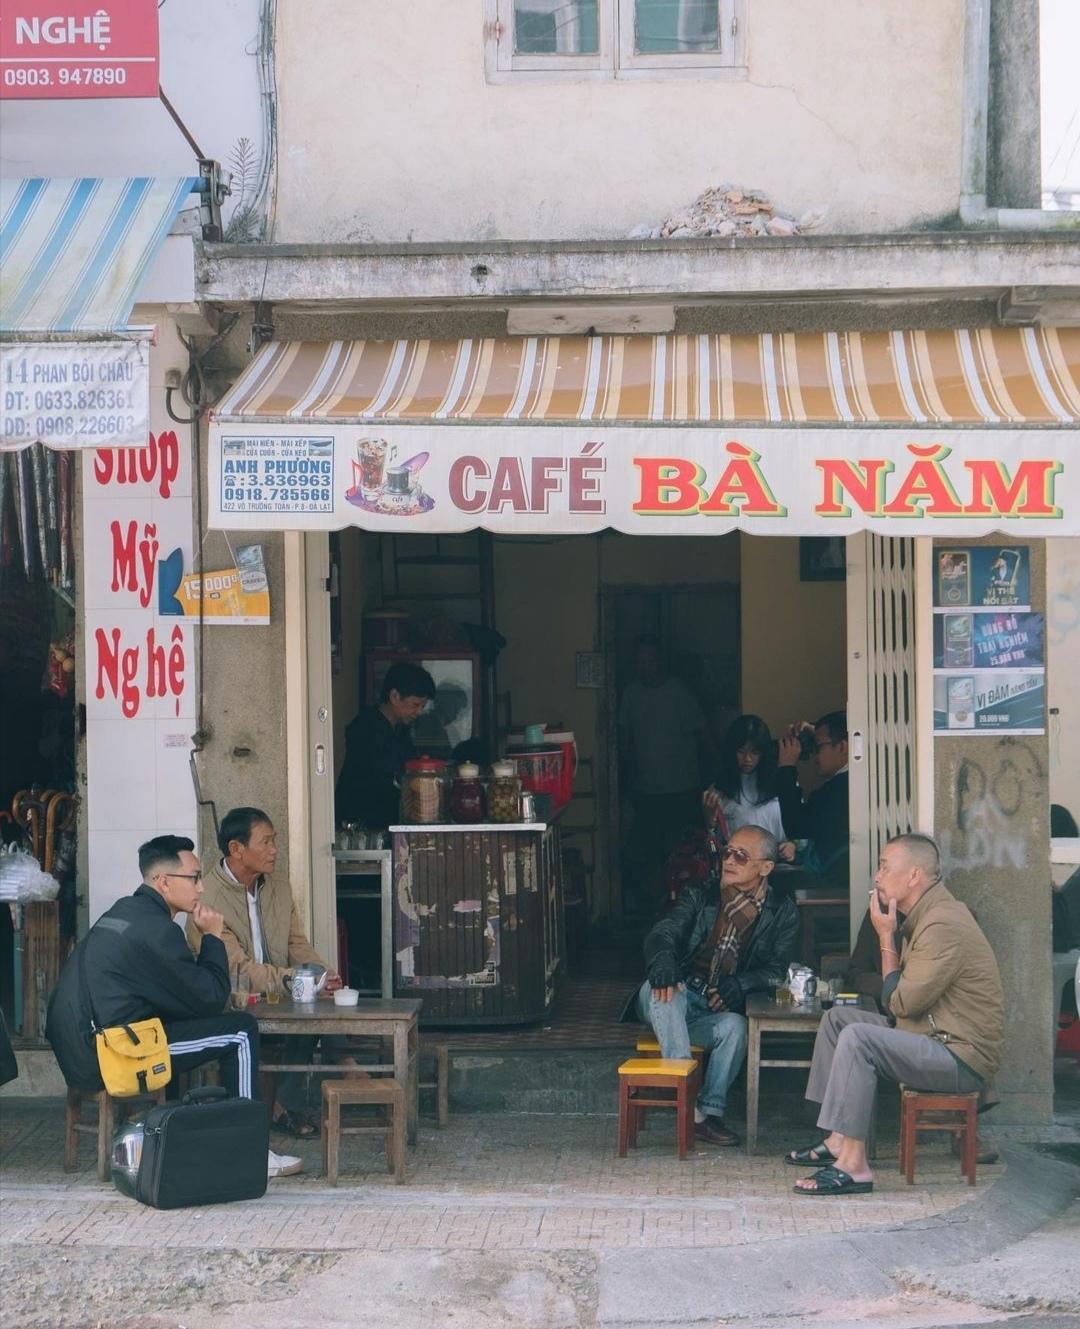 café ba nam vietnam